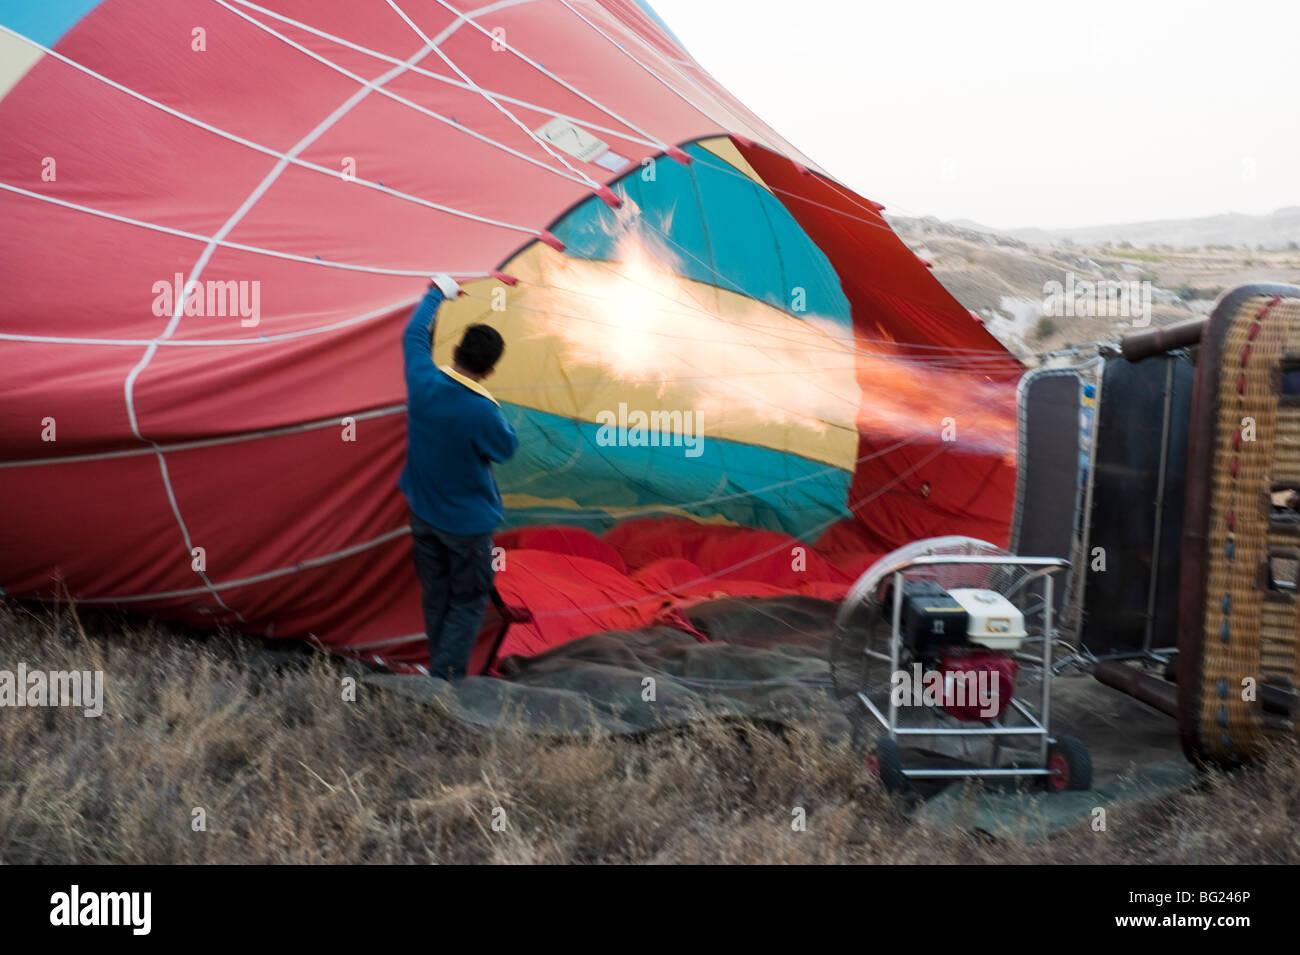 Pre-Flight-Heißluft-Ballon-Vorbereitung in Kappadokien, Türkei mit Kapadokya Balloons Stockbild